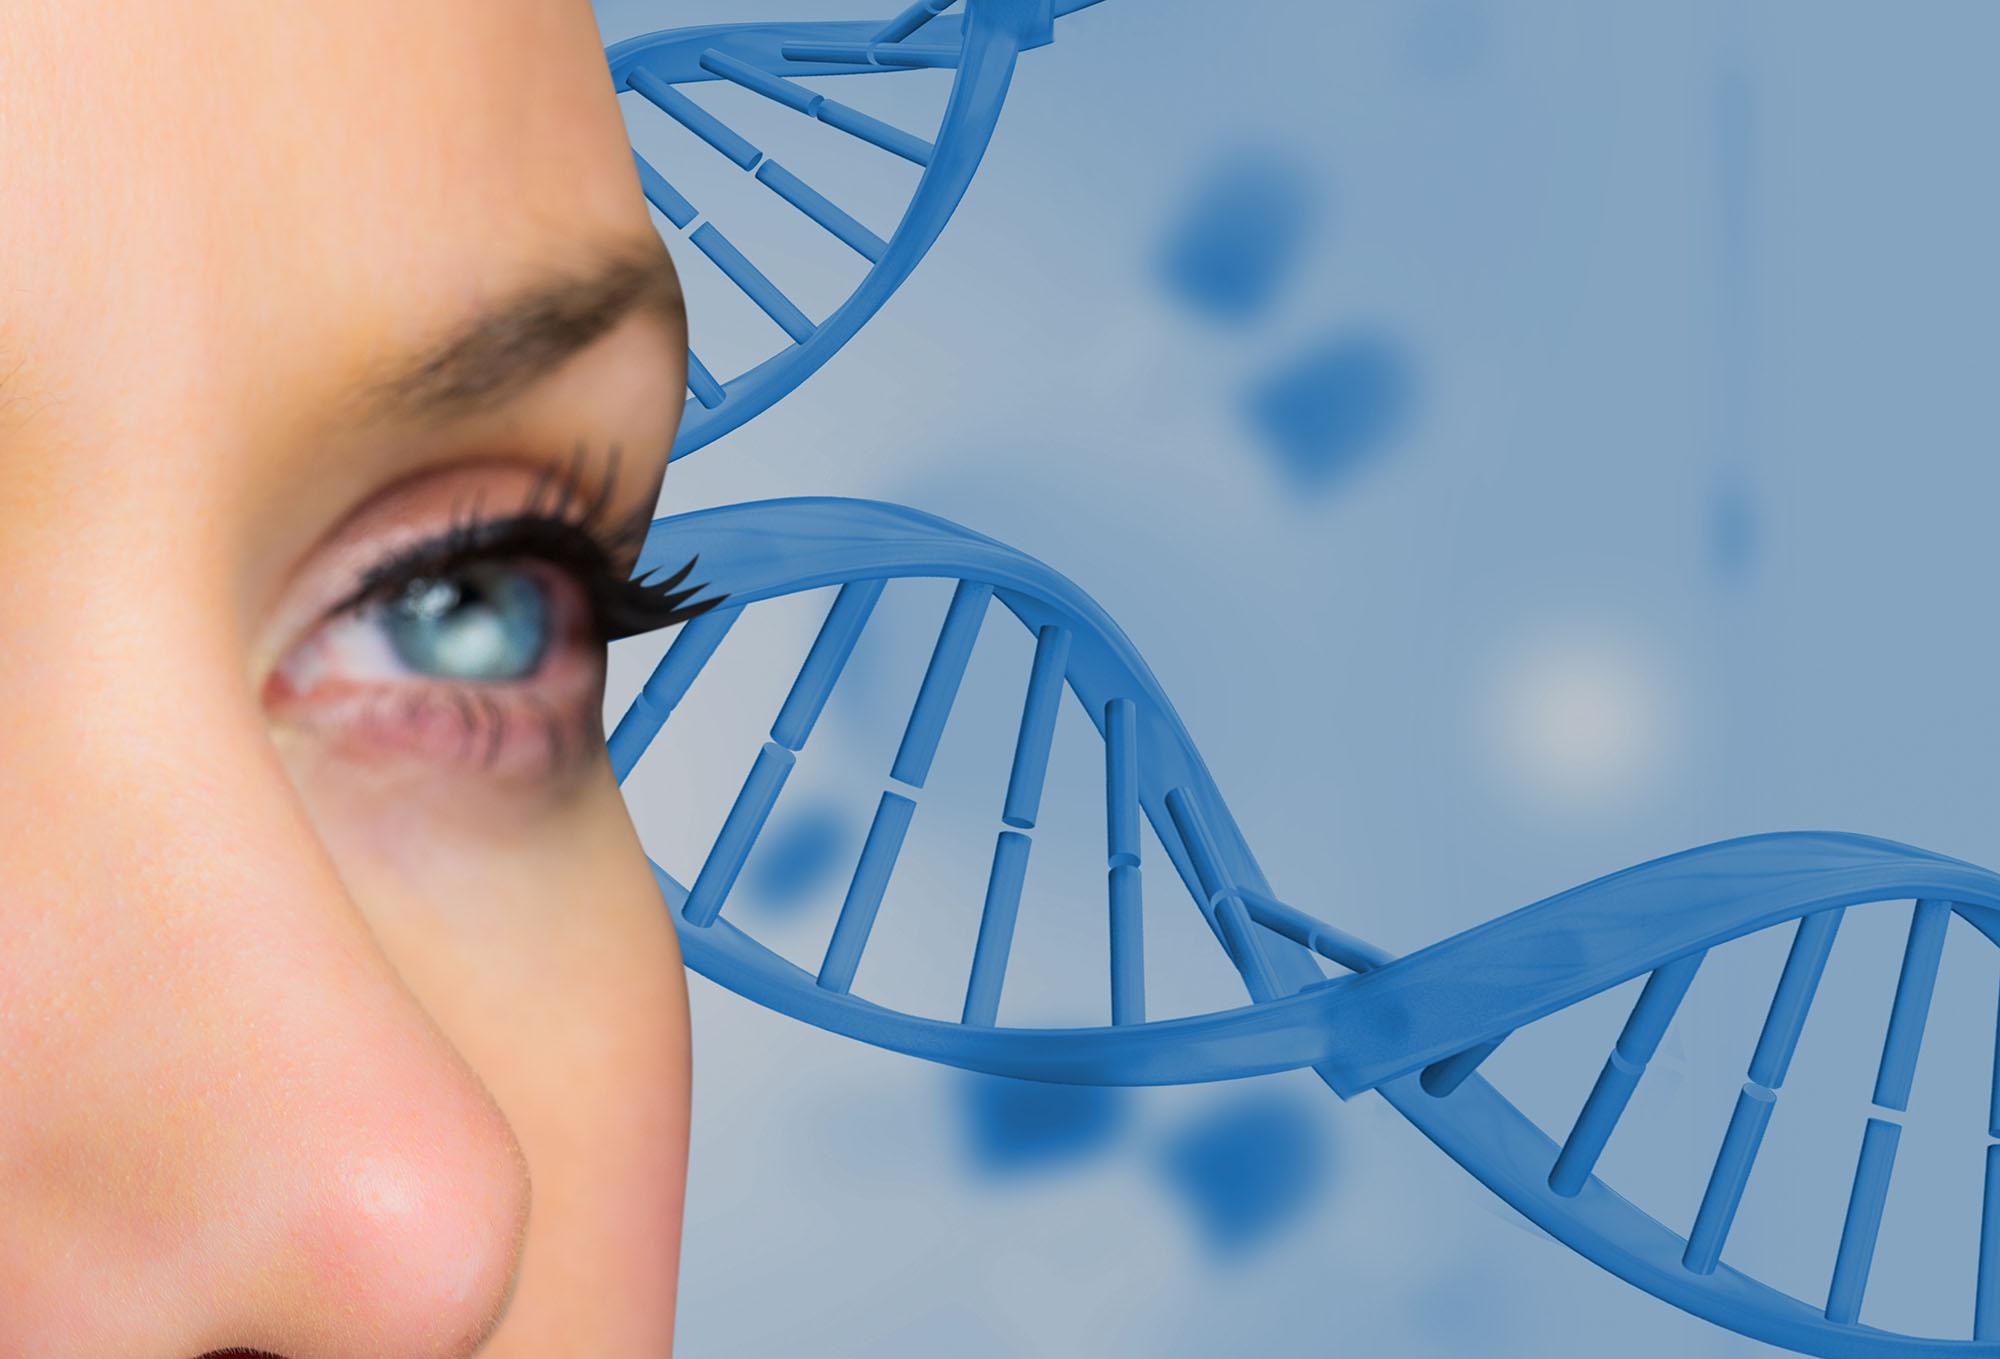 Existem doenças genéticas para a Nova Medicina Germânica?